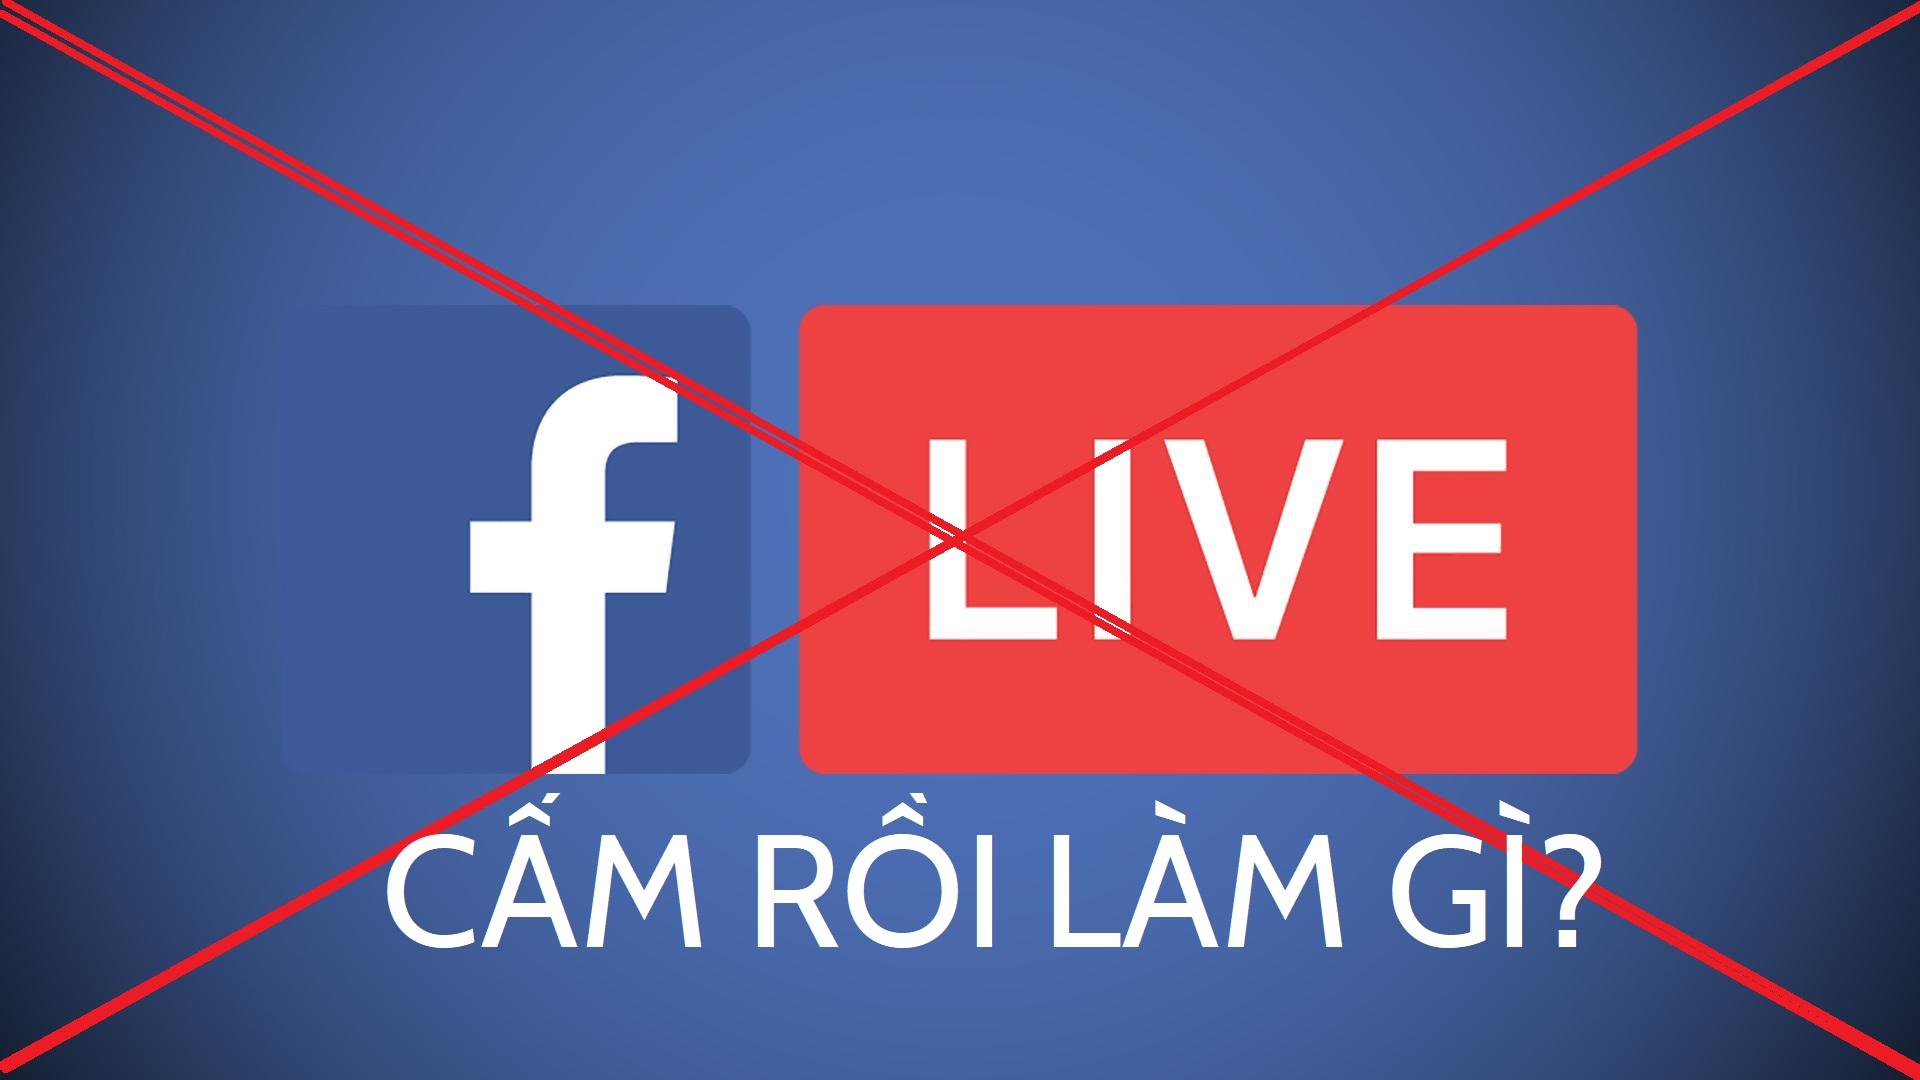 Bán hàng onlinetrên facebook cá nhân sẽ bị cấm – Chúng ta phải làm gì ?